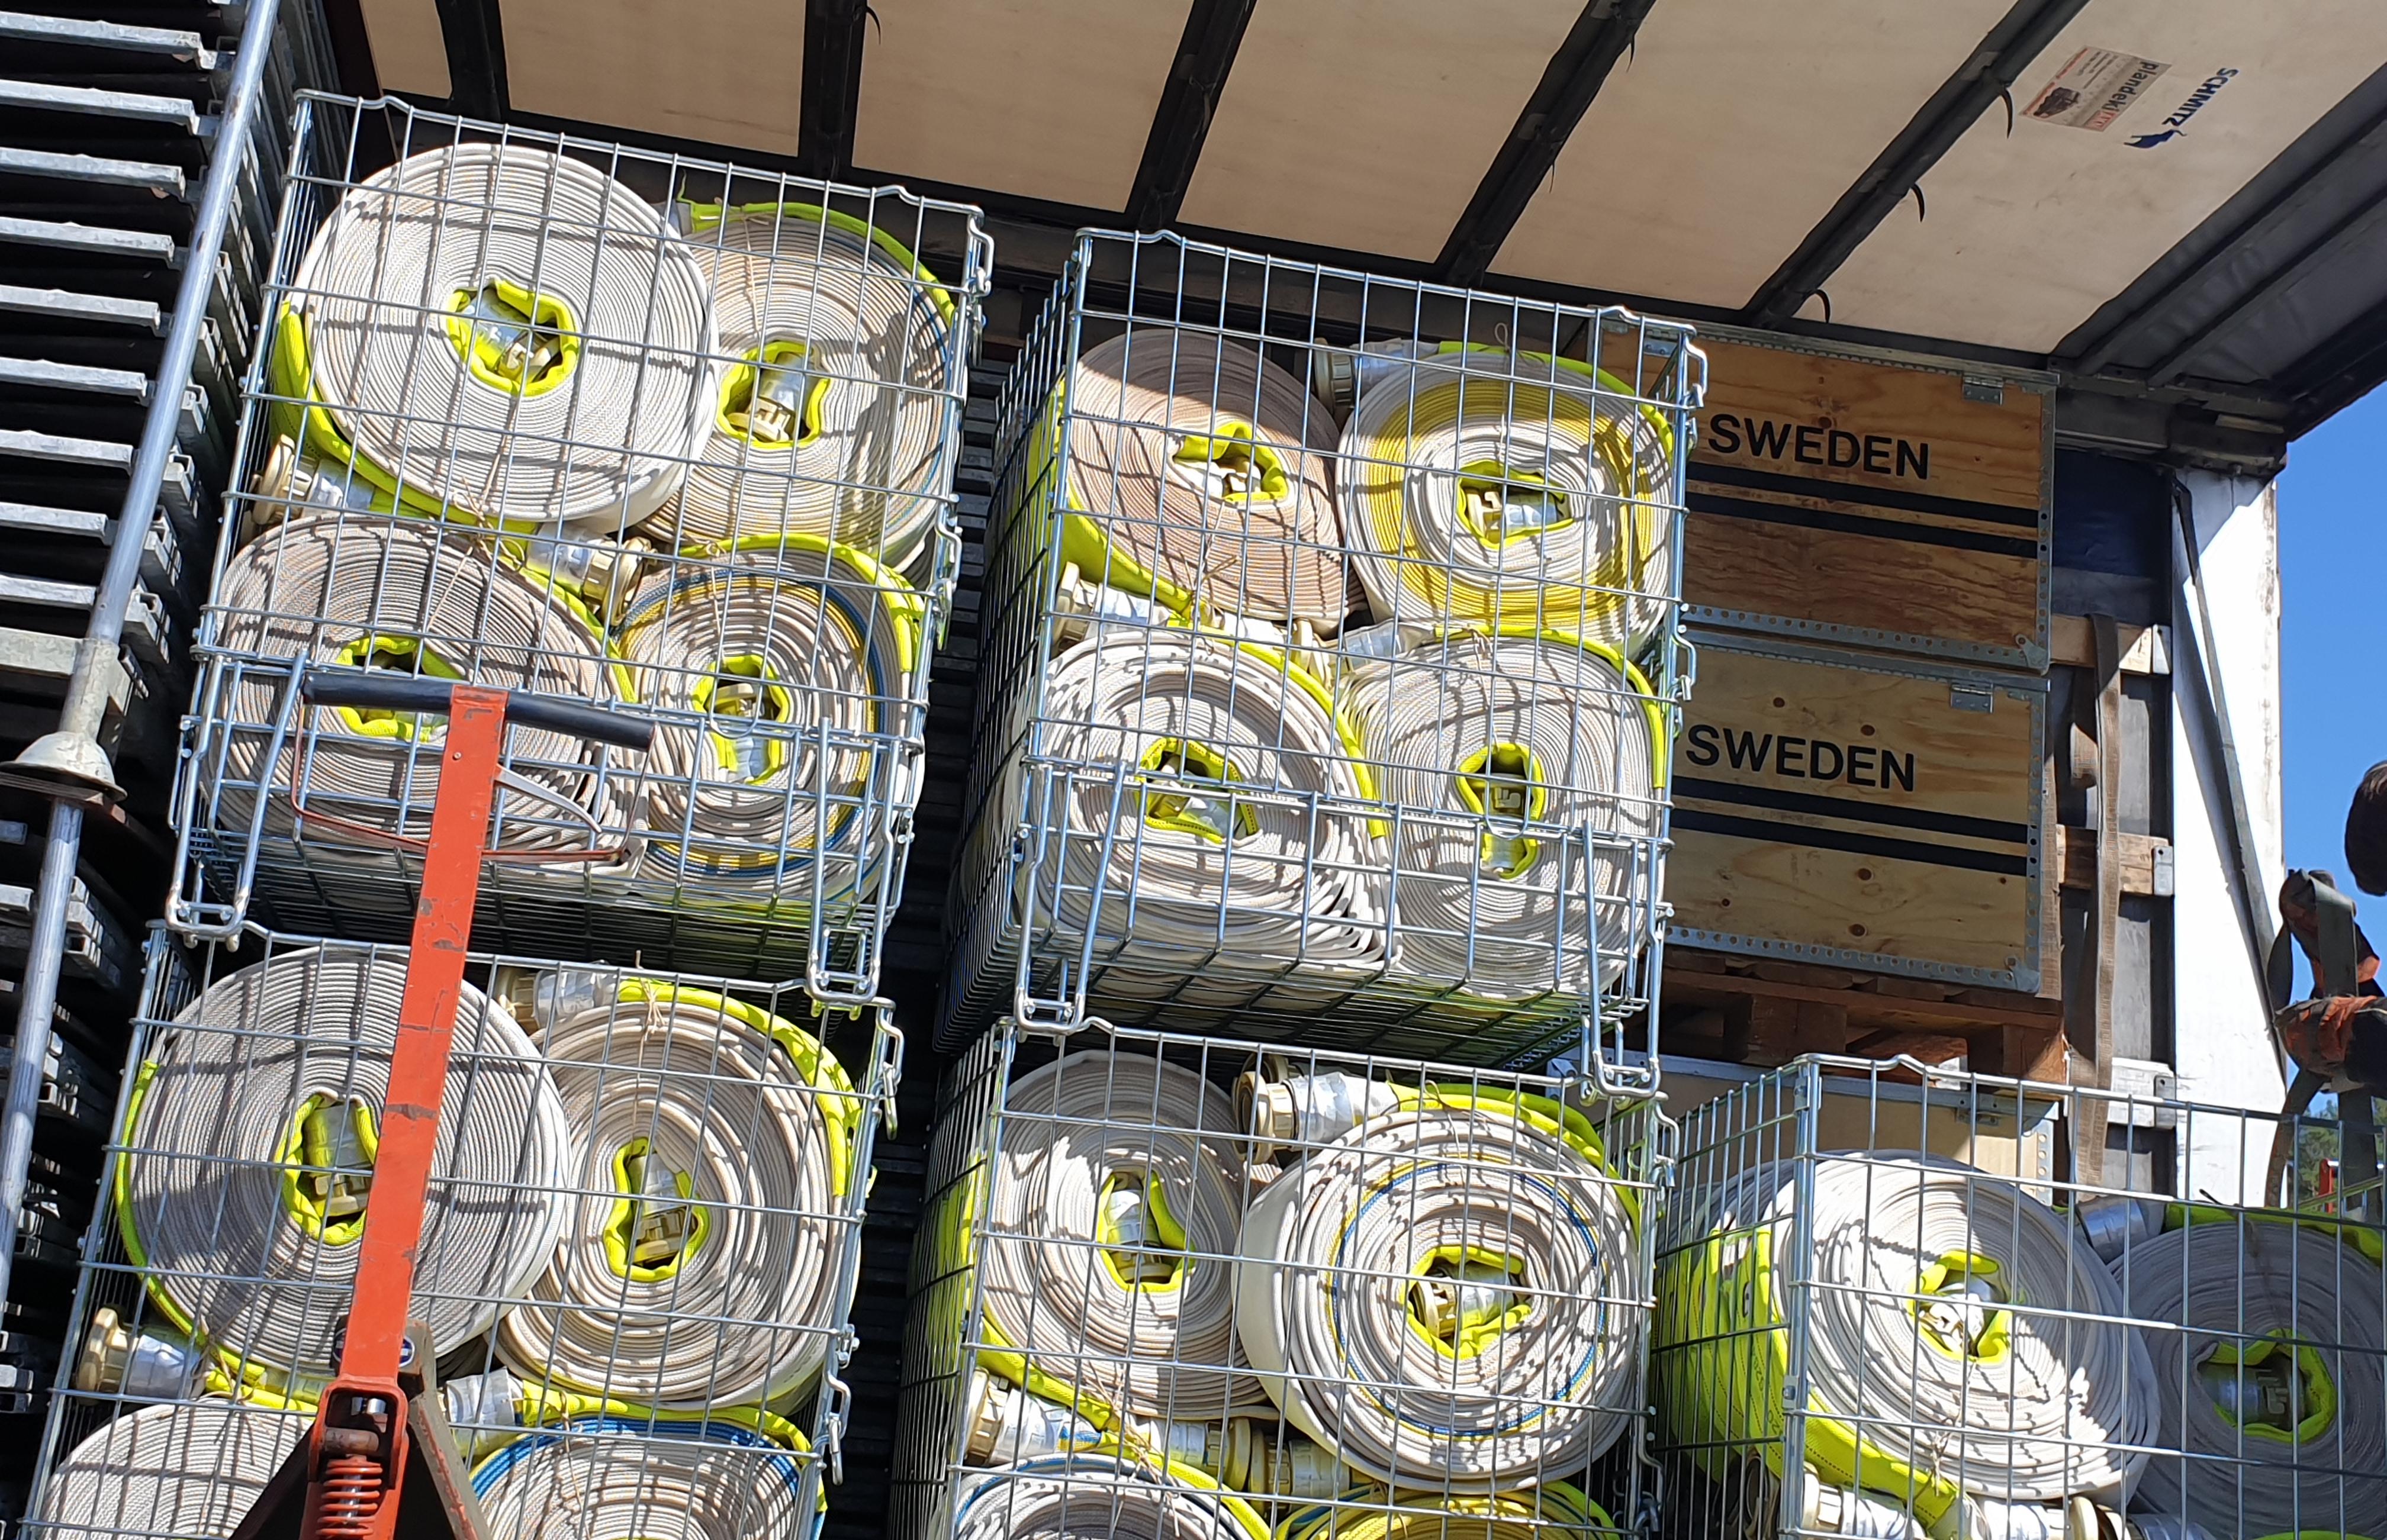 250 stycken brandslangar bistår Sverige med. Slangarna är 25 meter långa och 76 millimeter i diameter.